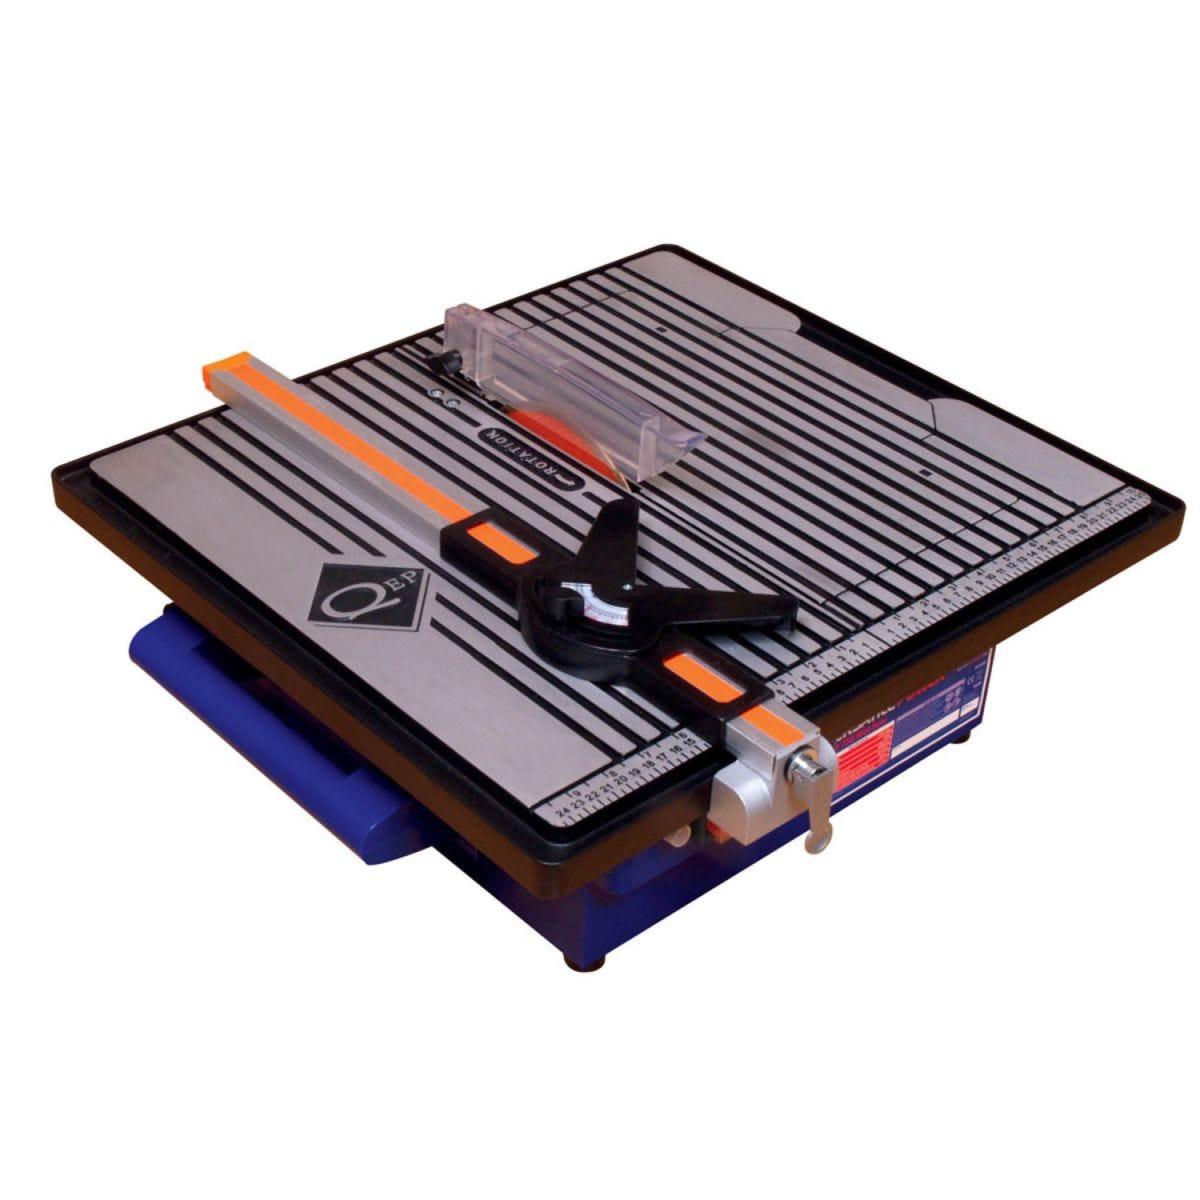 QEP Versatile Pro Power 750 110 Volt Electric Ceramic Tile Cutter